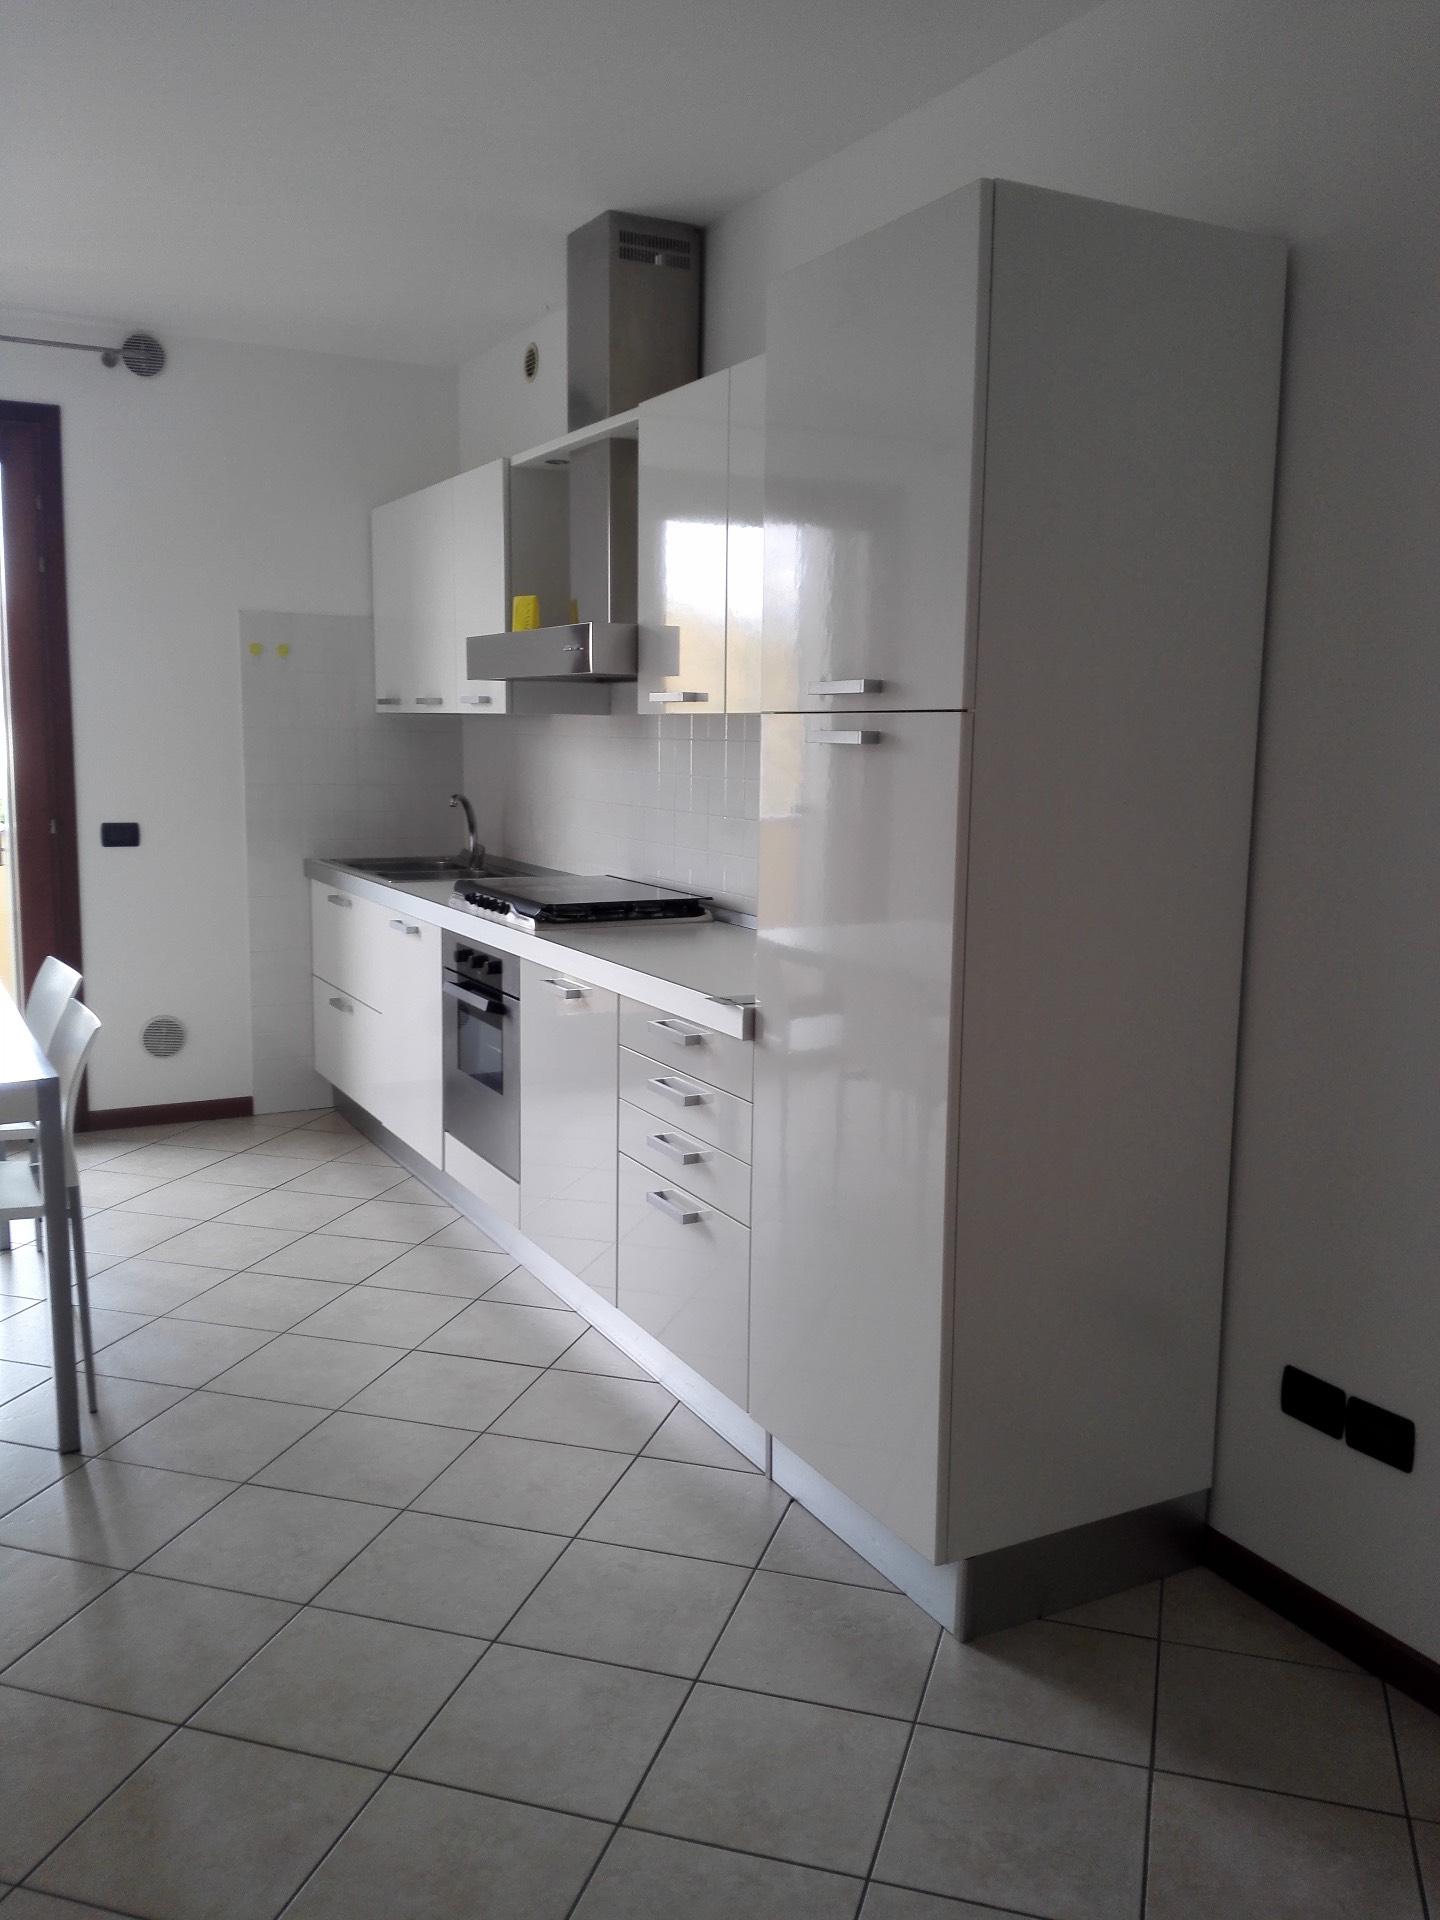 Appartamento in affitto a Mareno di Piave, 5 locali, zona Zona: Ramera, prezzo € 480 | Cambio Casa.it